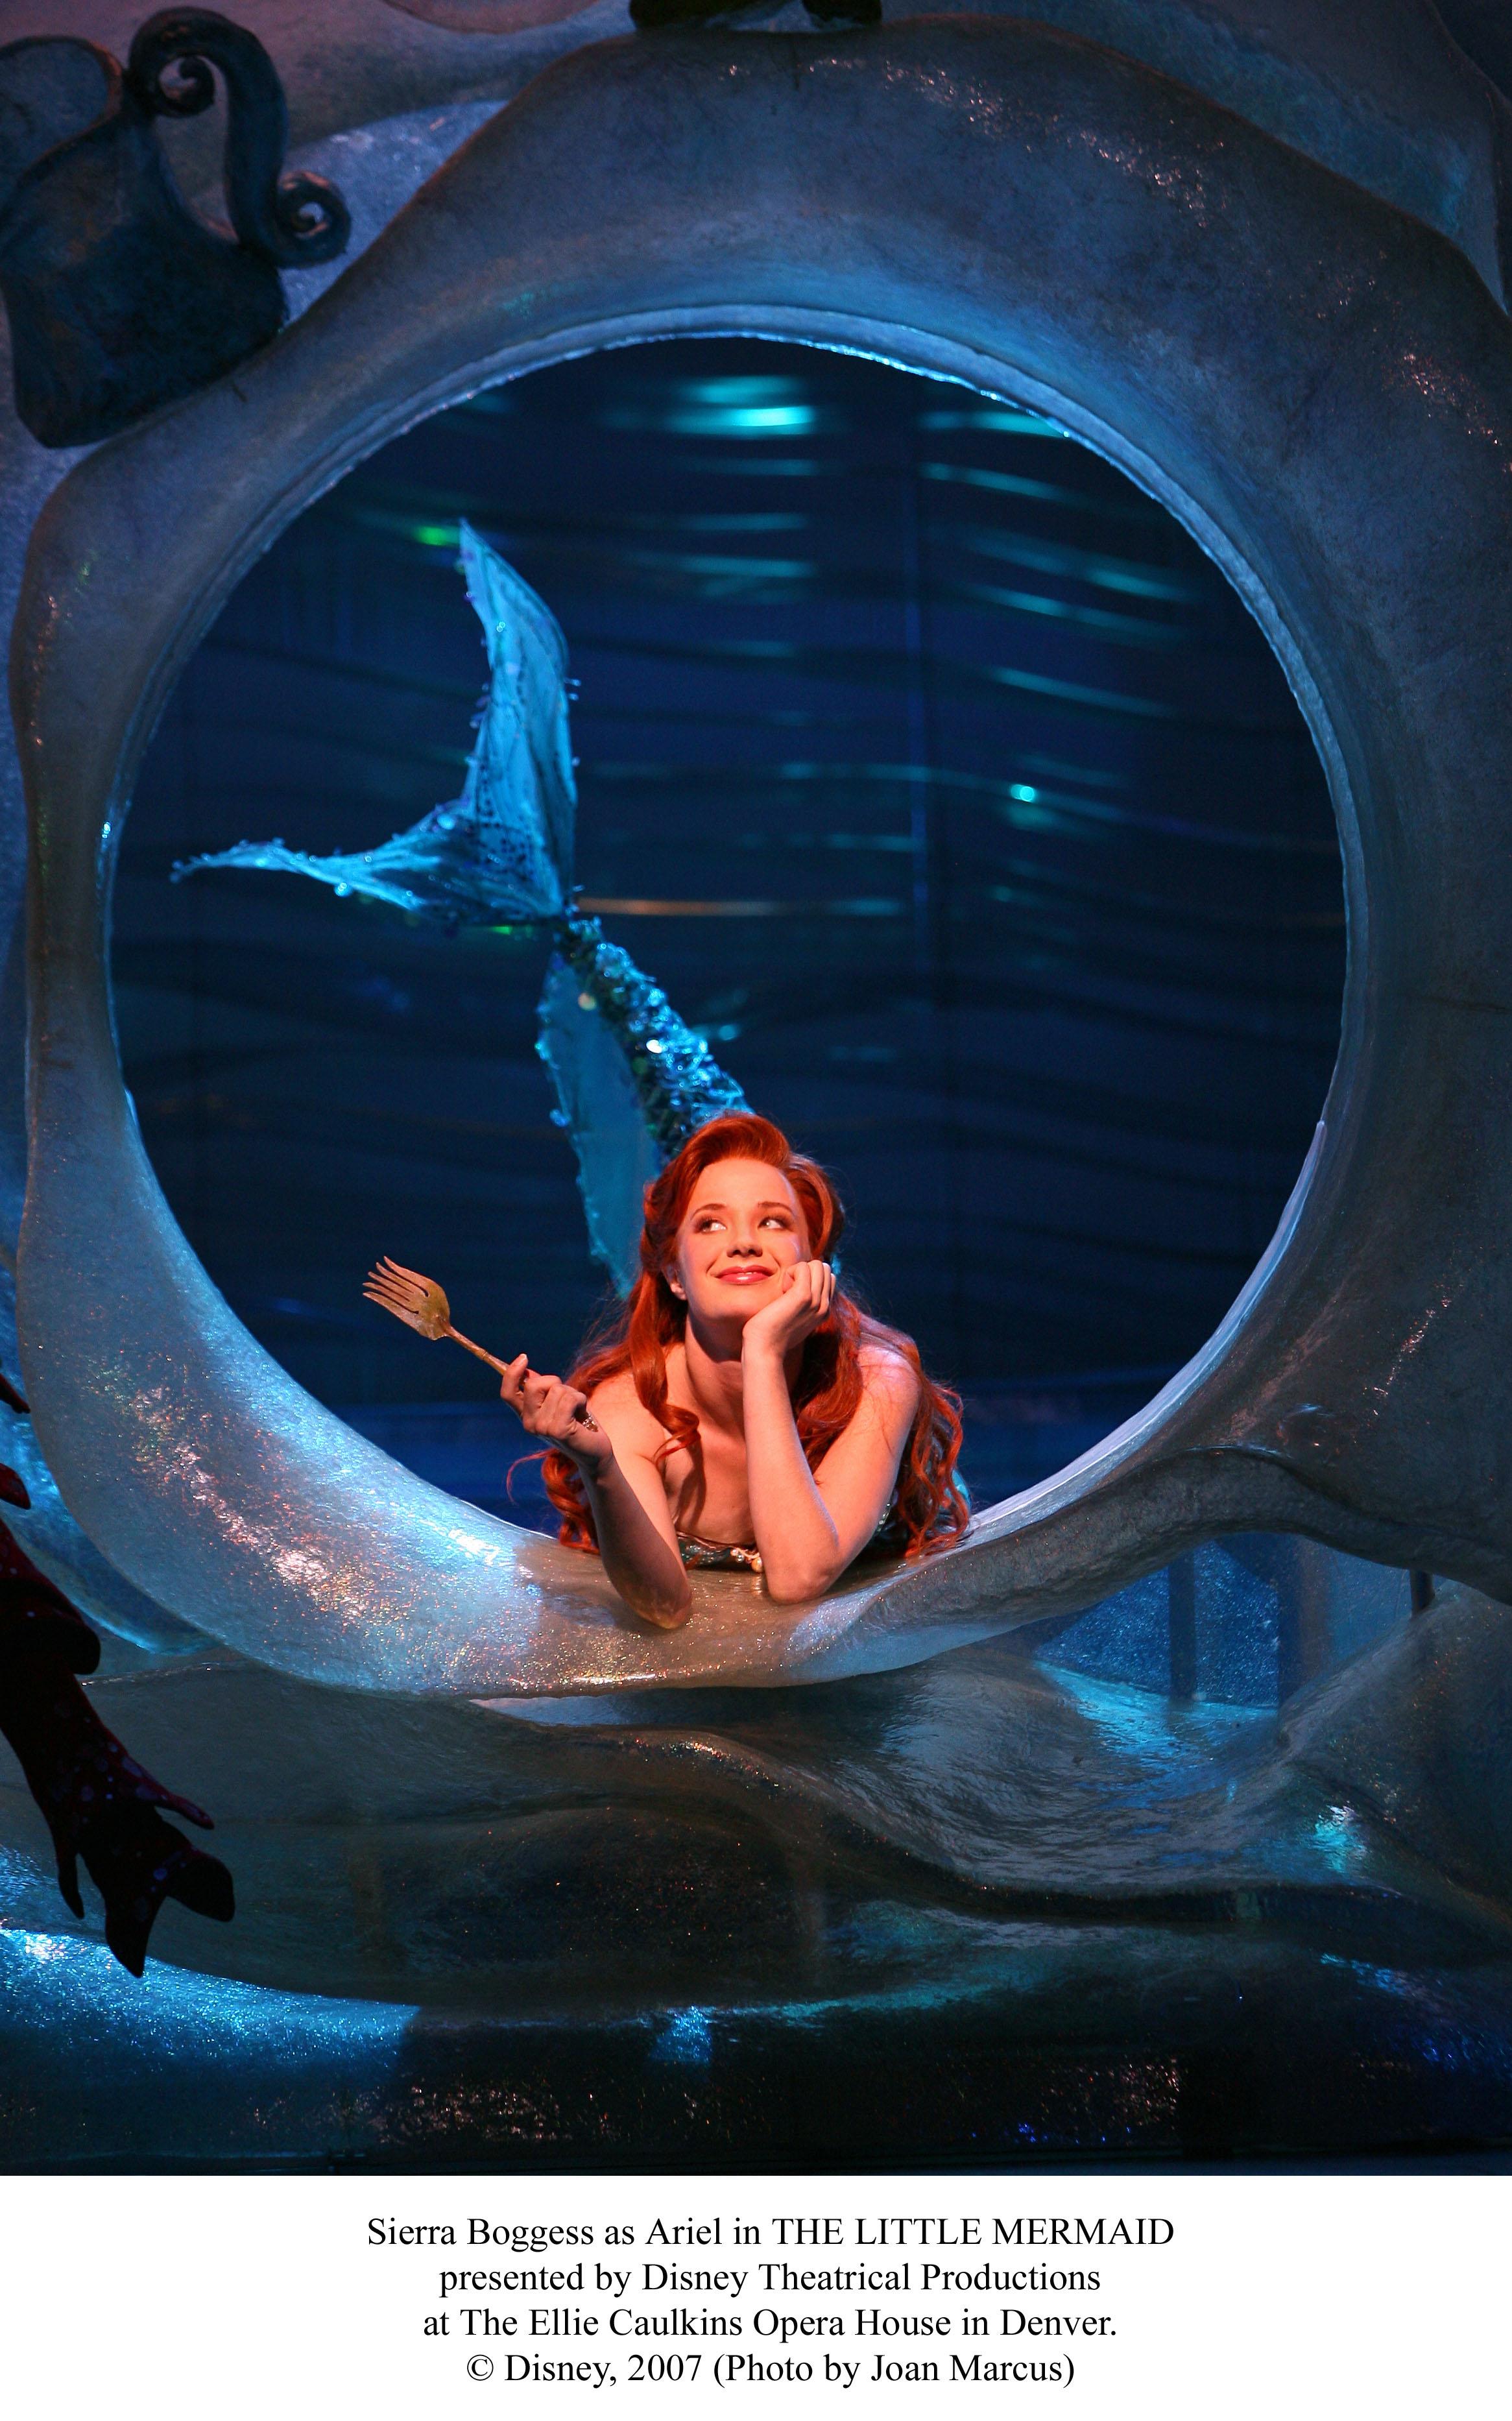 Sierra-Boggess-Little-Mermaid-Broadway-Sierra 528-X.jpg